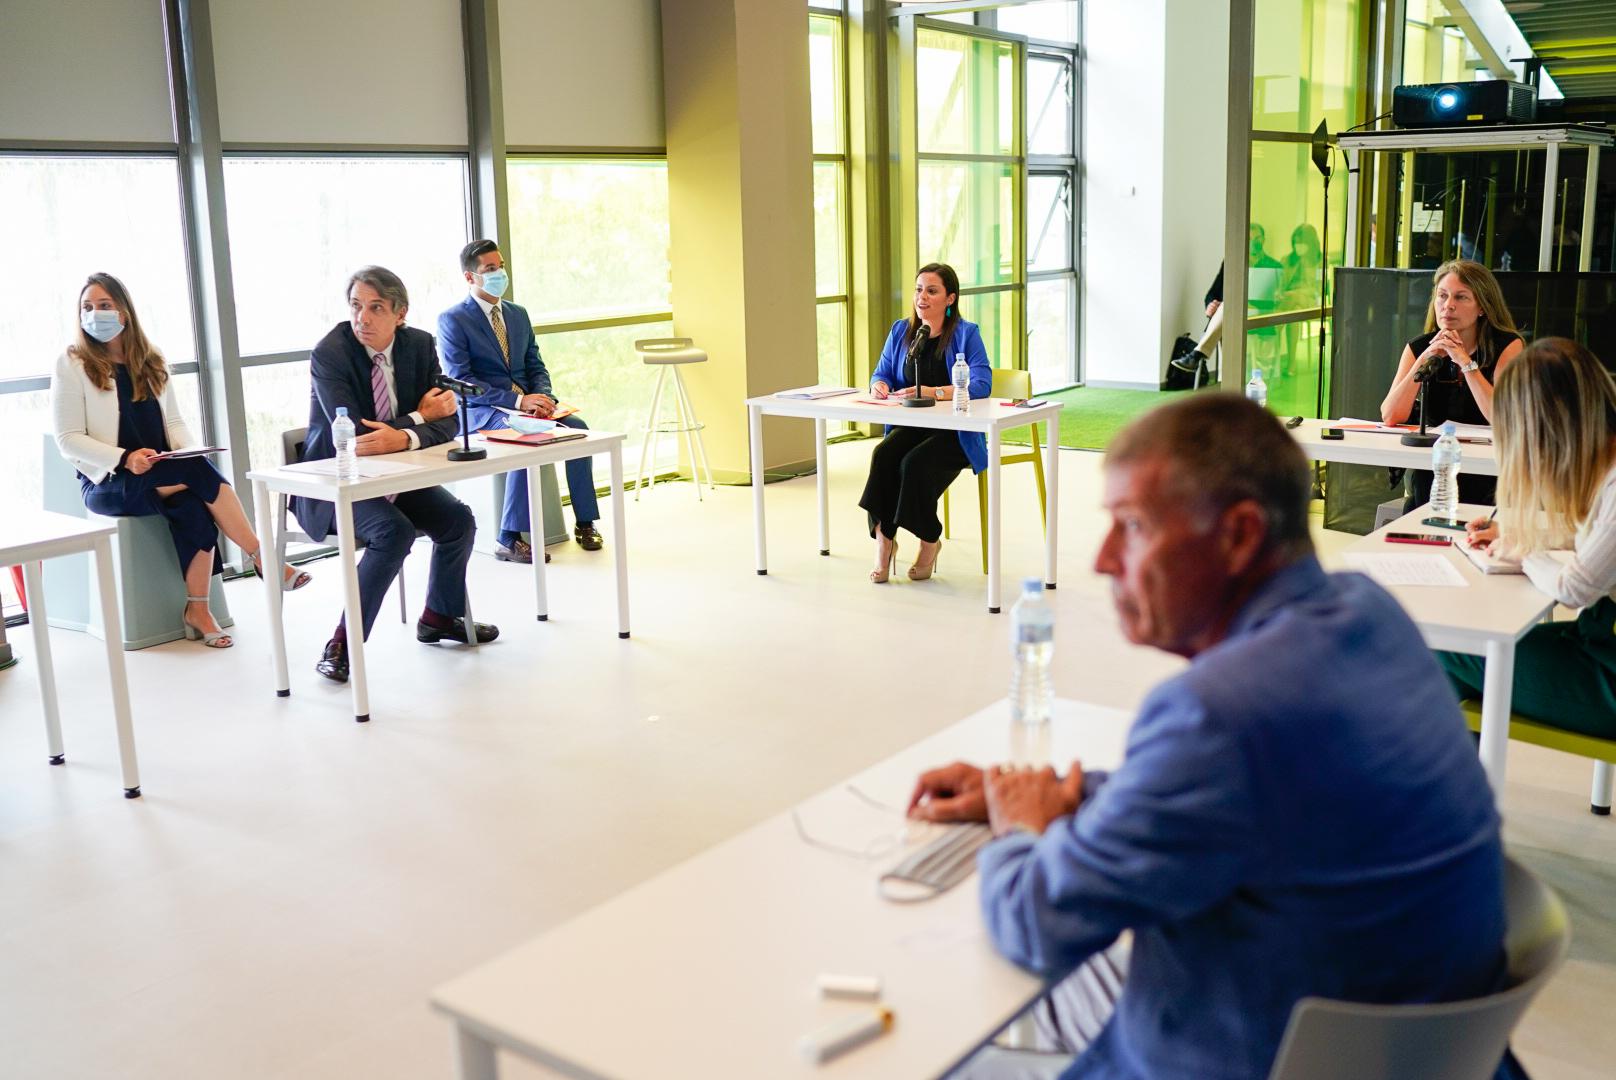 Presentación ante el pleno del Consejo Canario de Turismo.